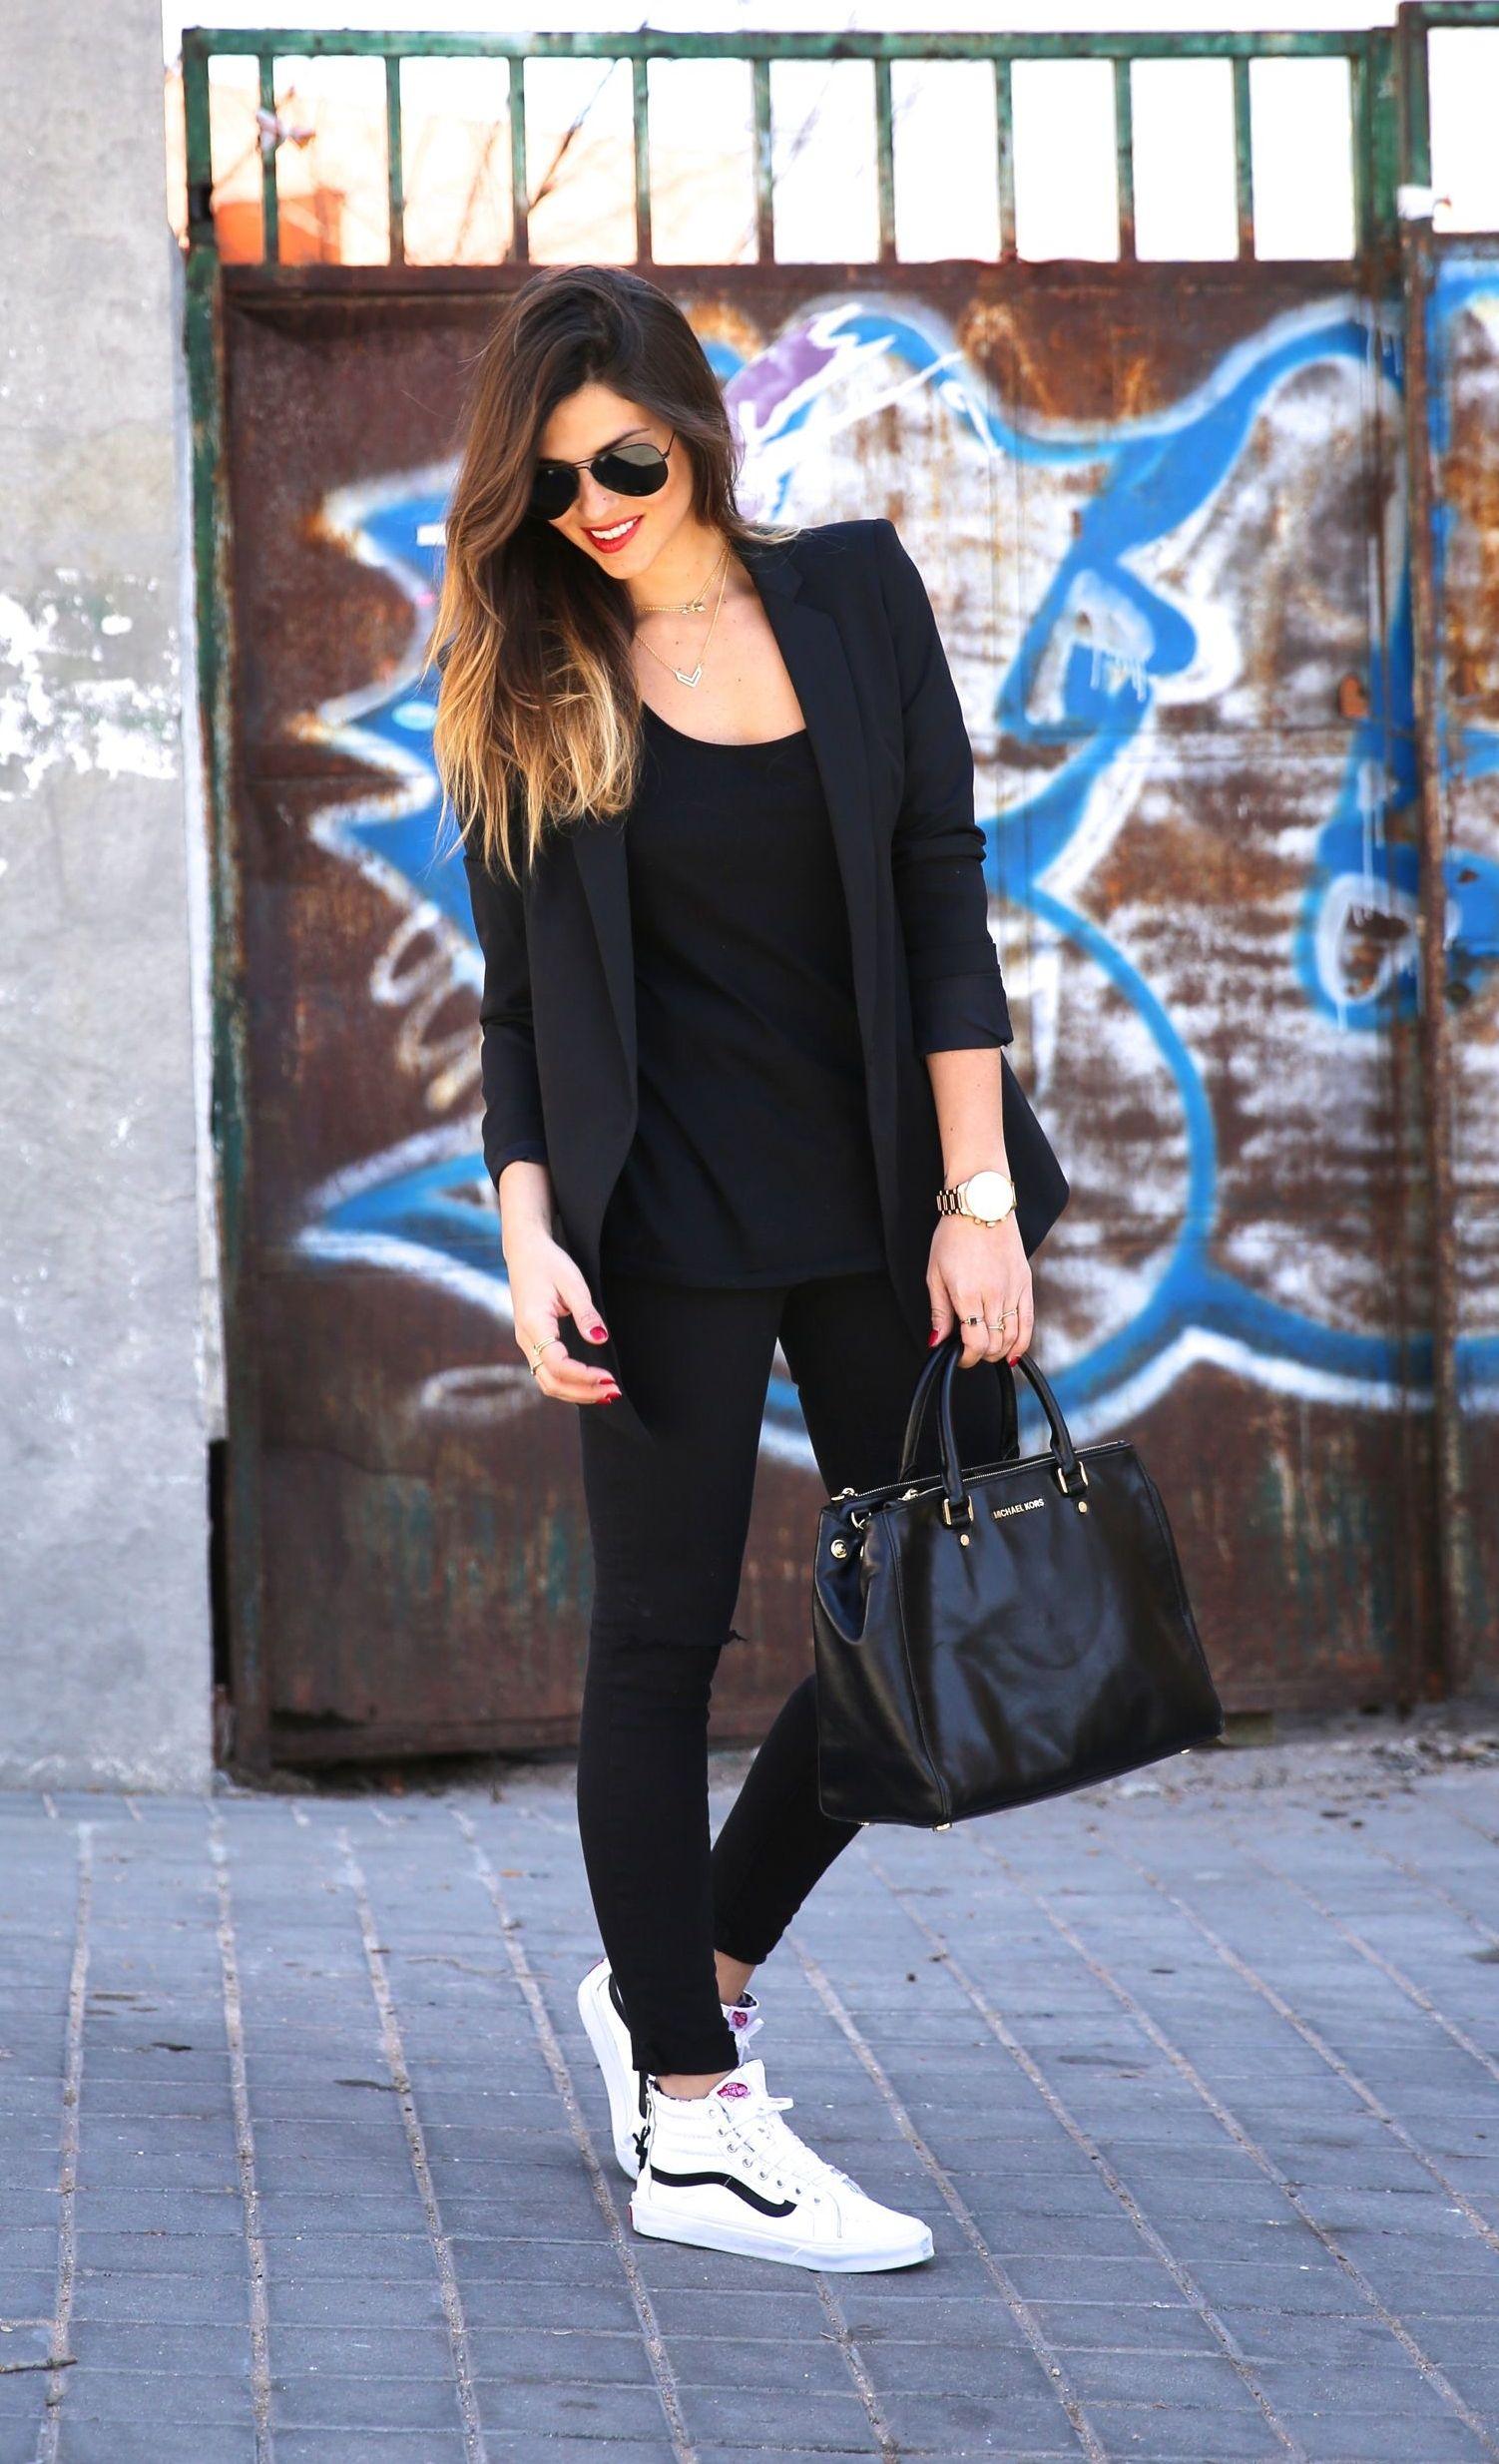 """Foto: Reprodução / <a href=""""http://www.trendytaste.com/all-black-outfit/"""" target=""""_blank"""">Trendy-Taste</a>"""